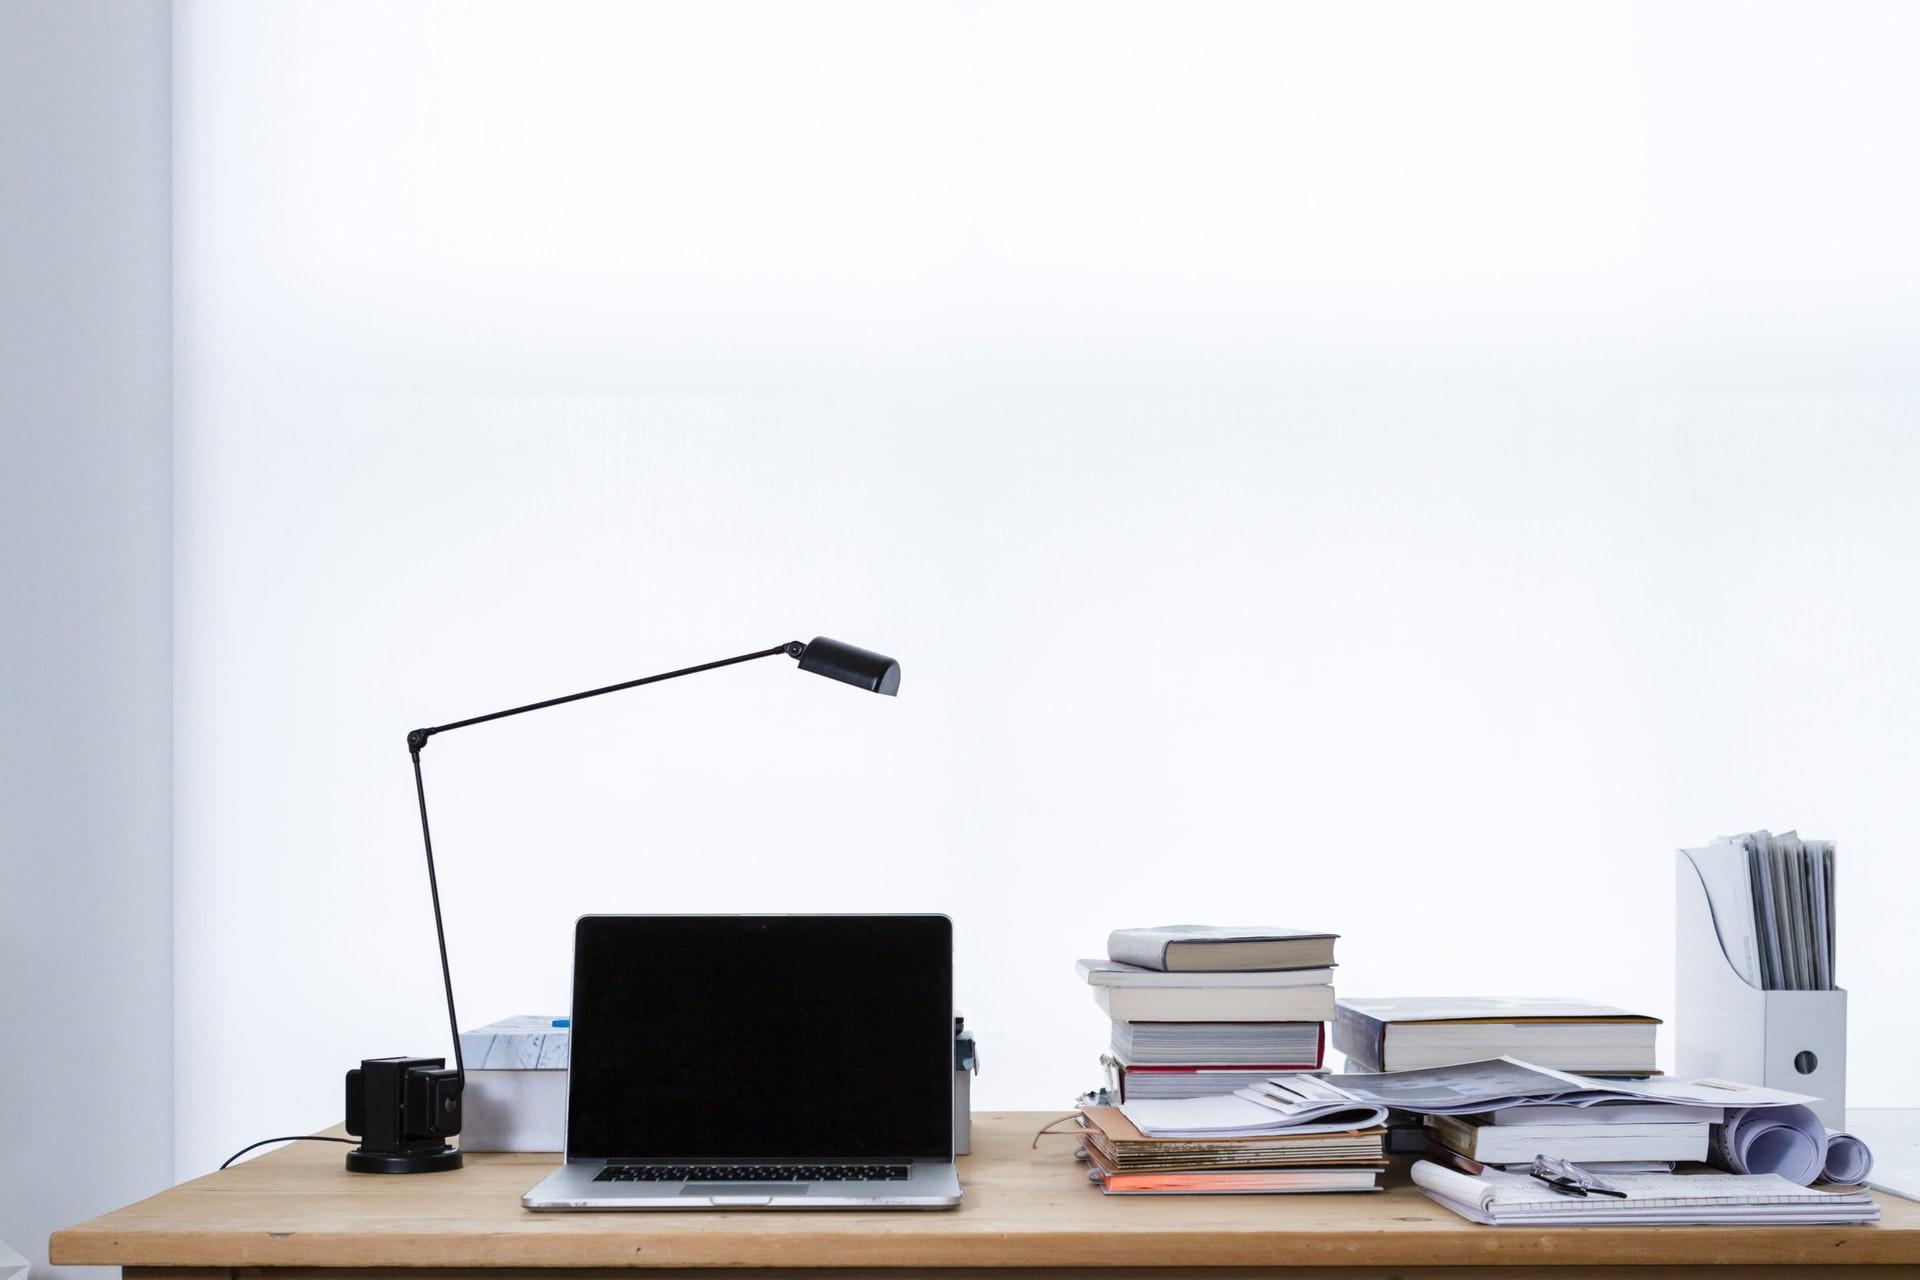 Foto eines Schreibtischs, auf dem ein Laptop sowie Bücher, Dokumente und Ordner liegen.